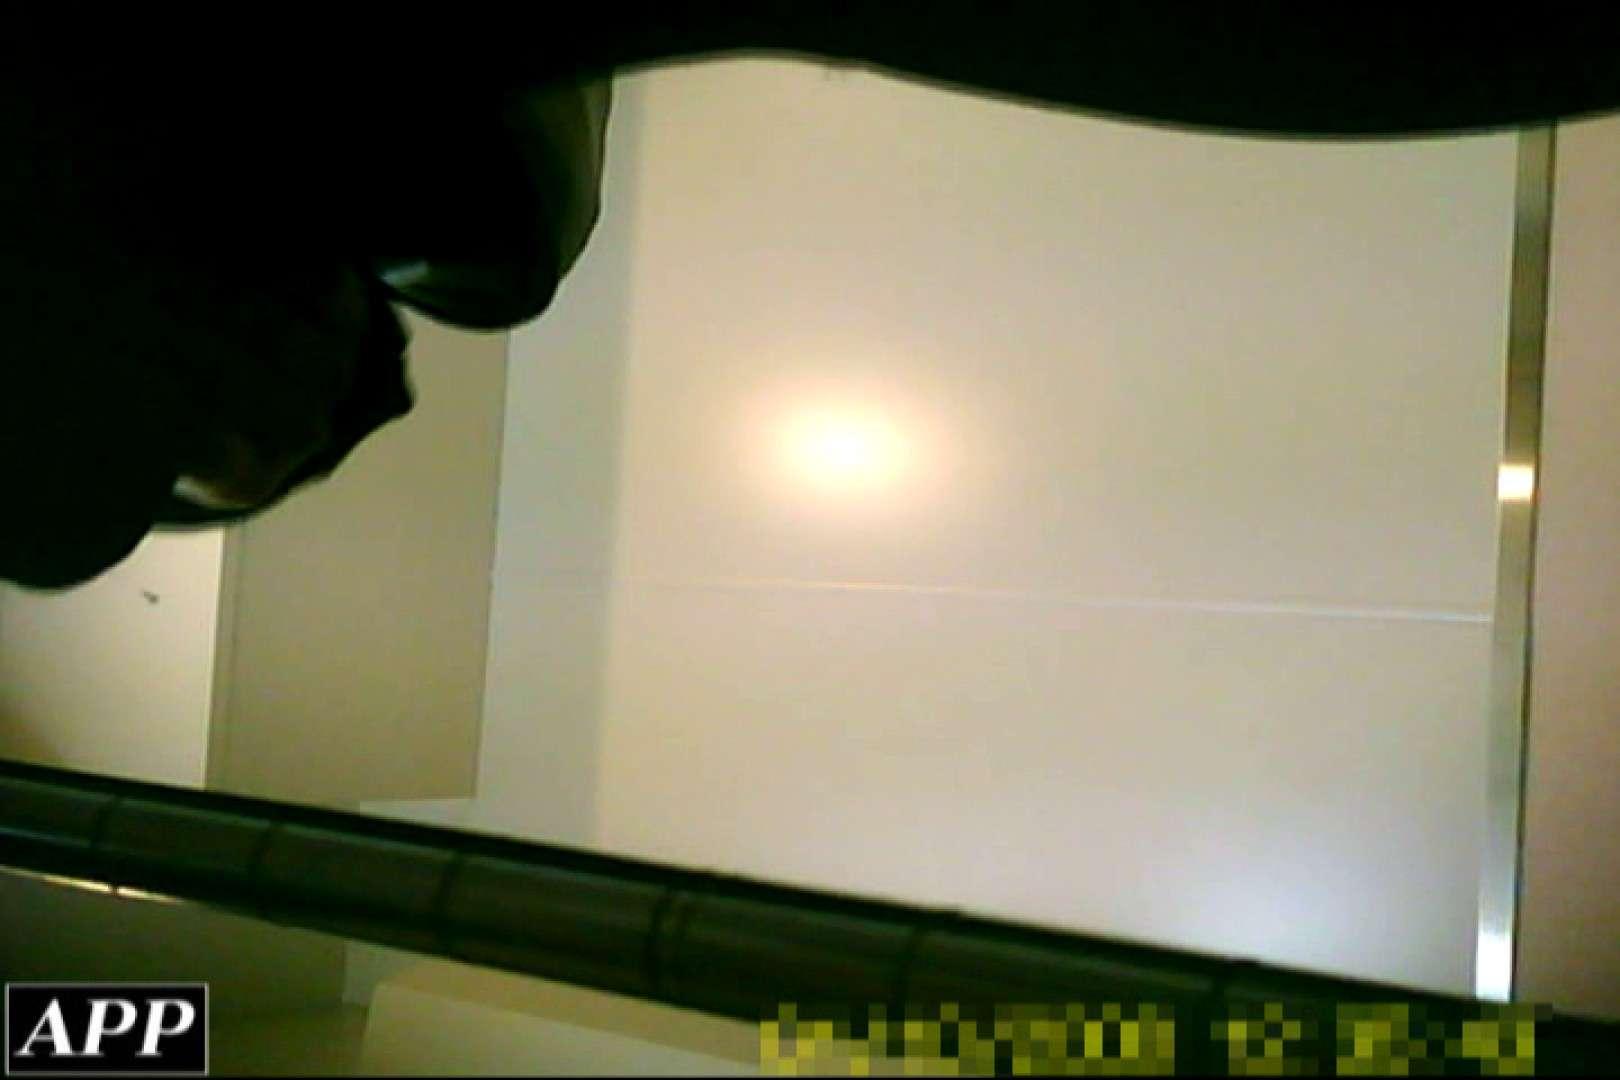 3視点洗面所 vol.064 OLの実態  74pic 70